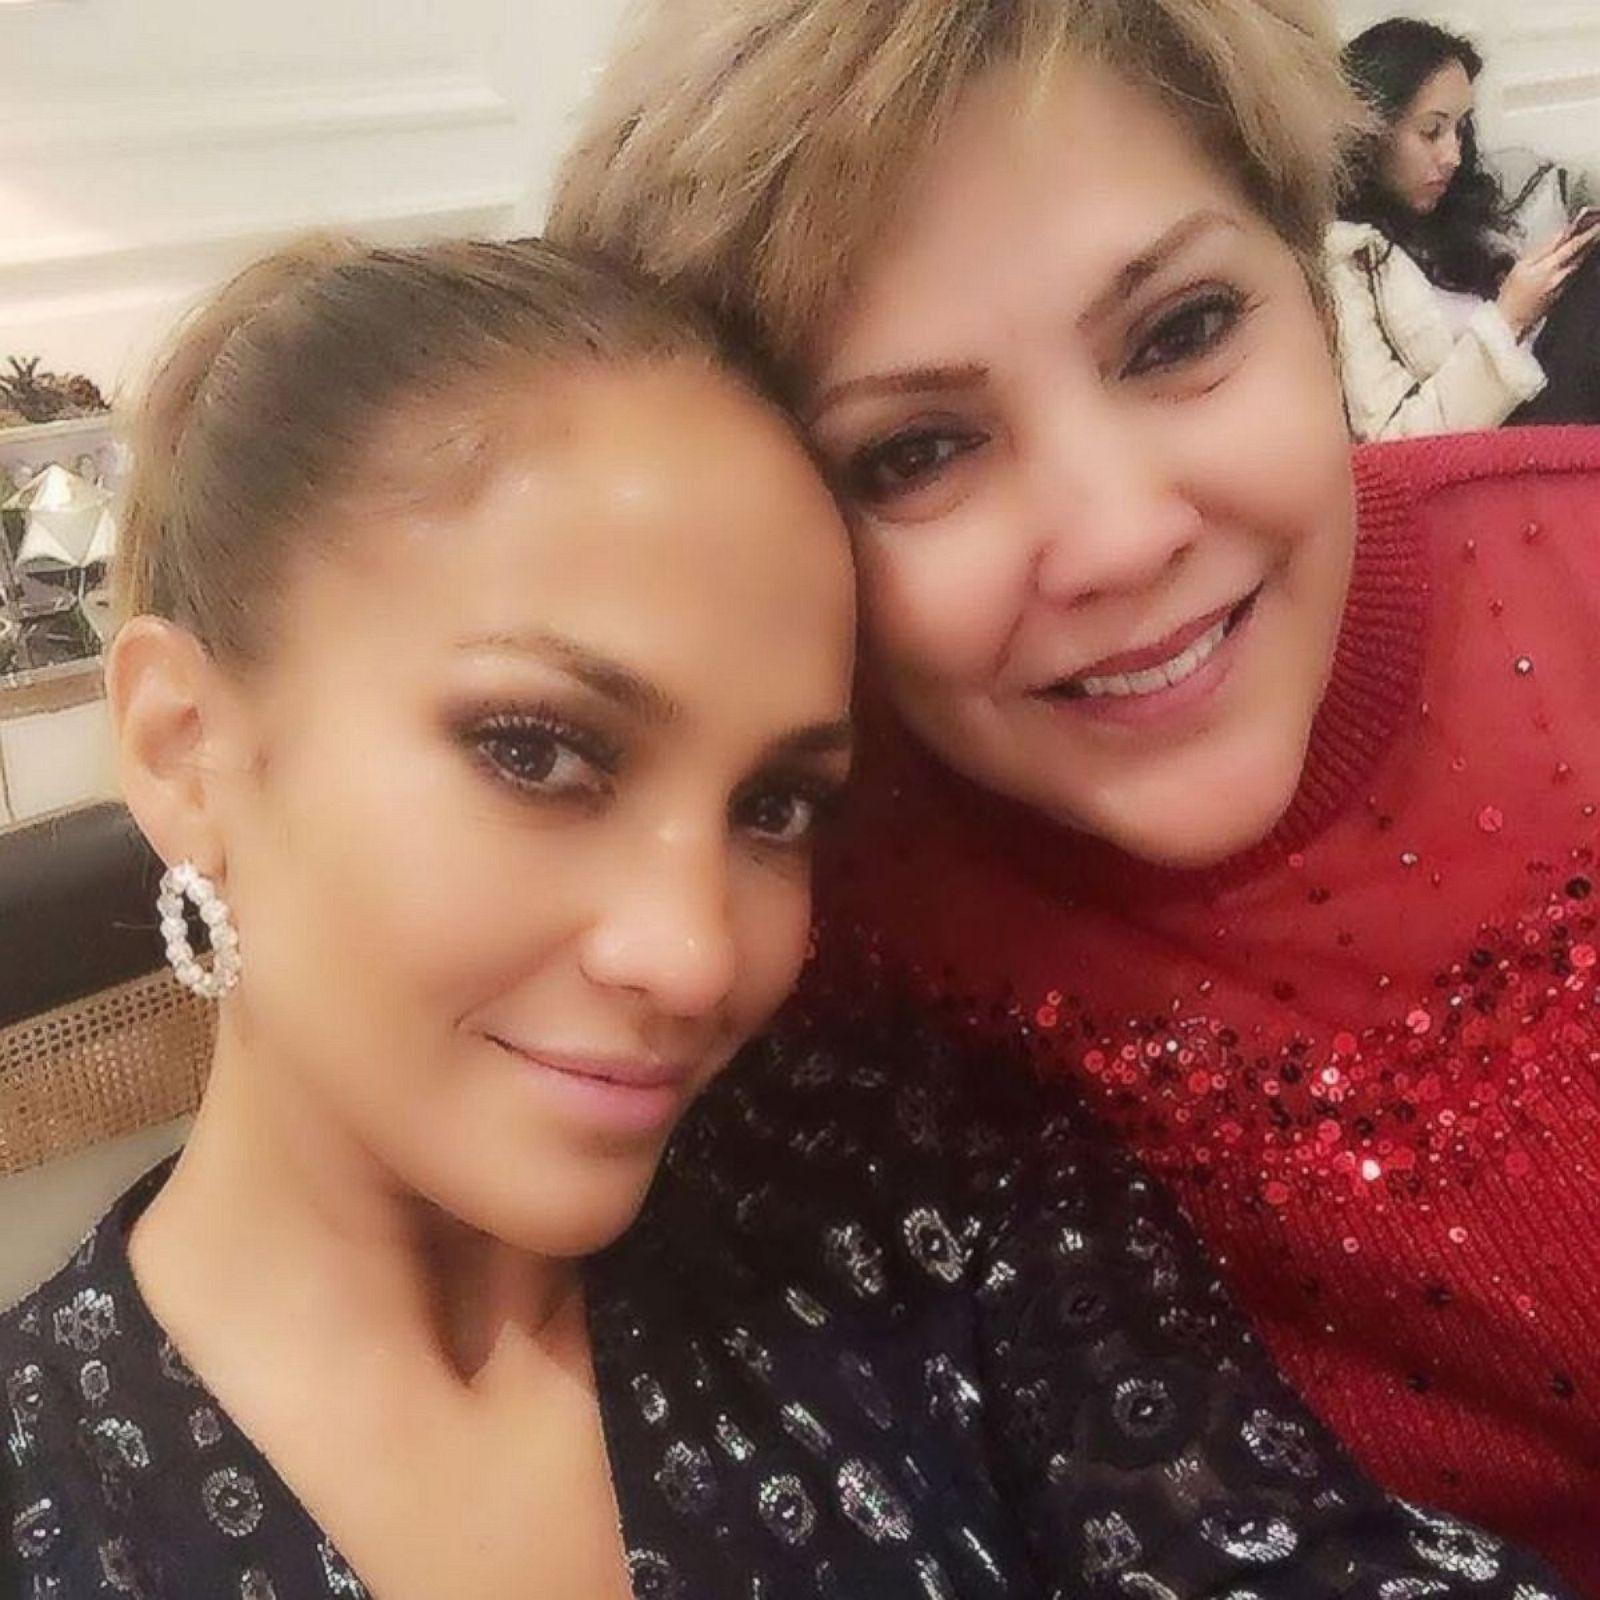 С молодой мамой фото 21 фотография